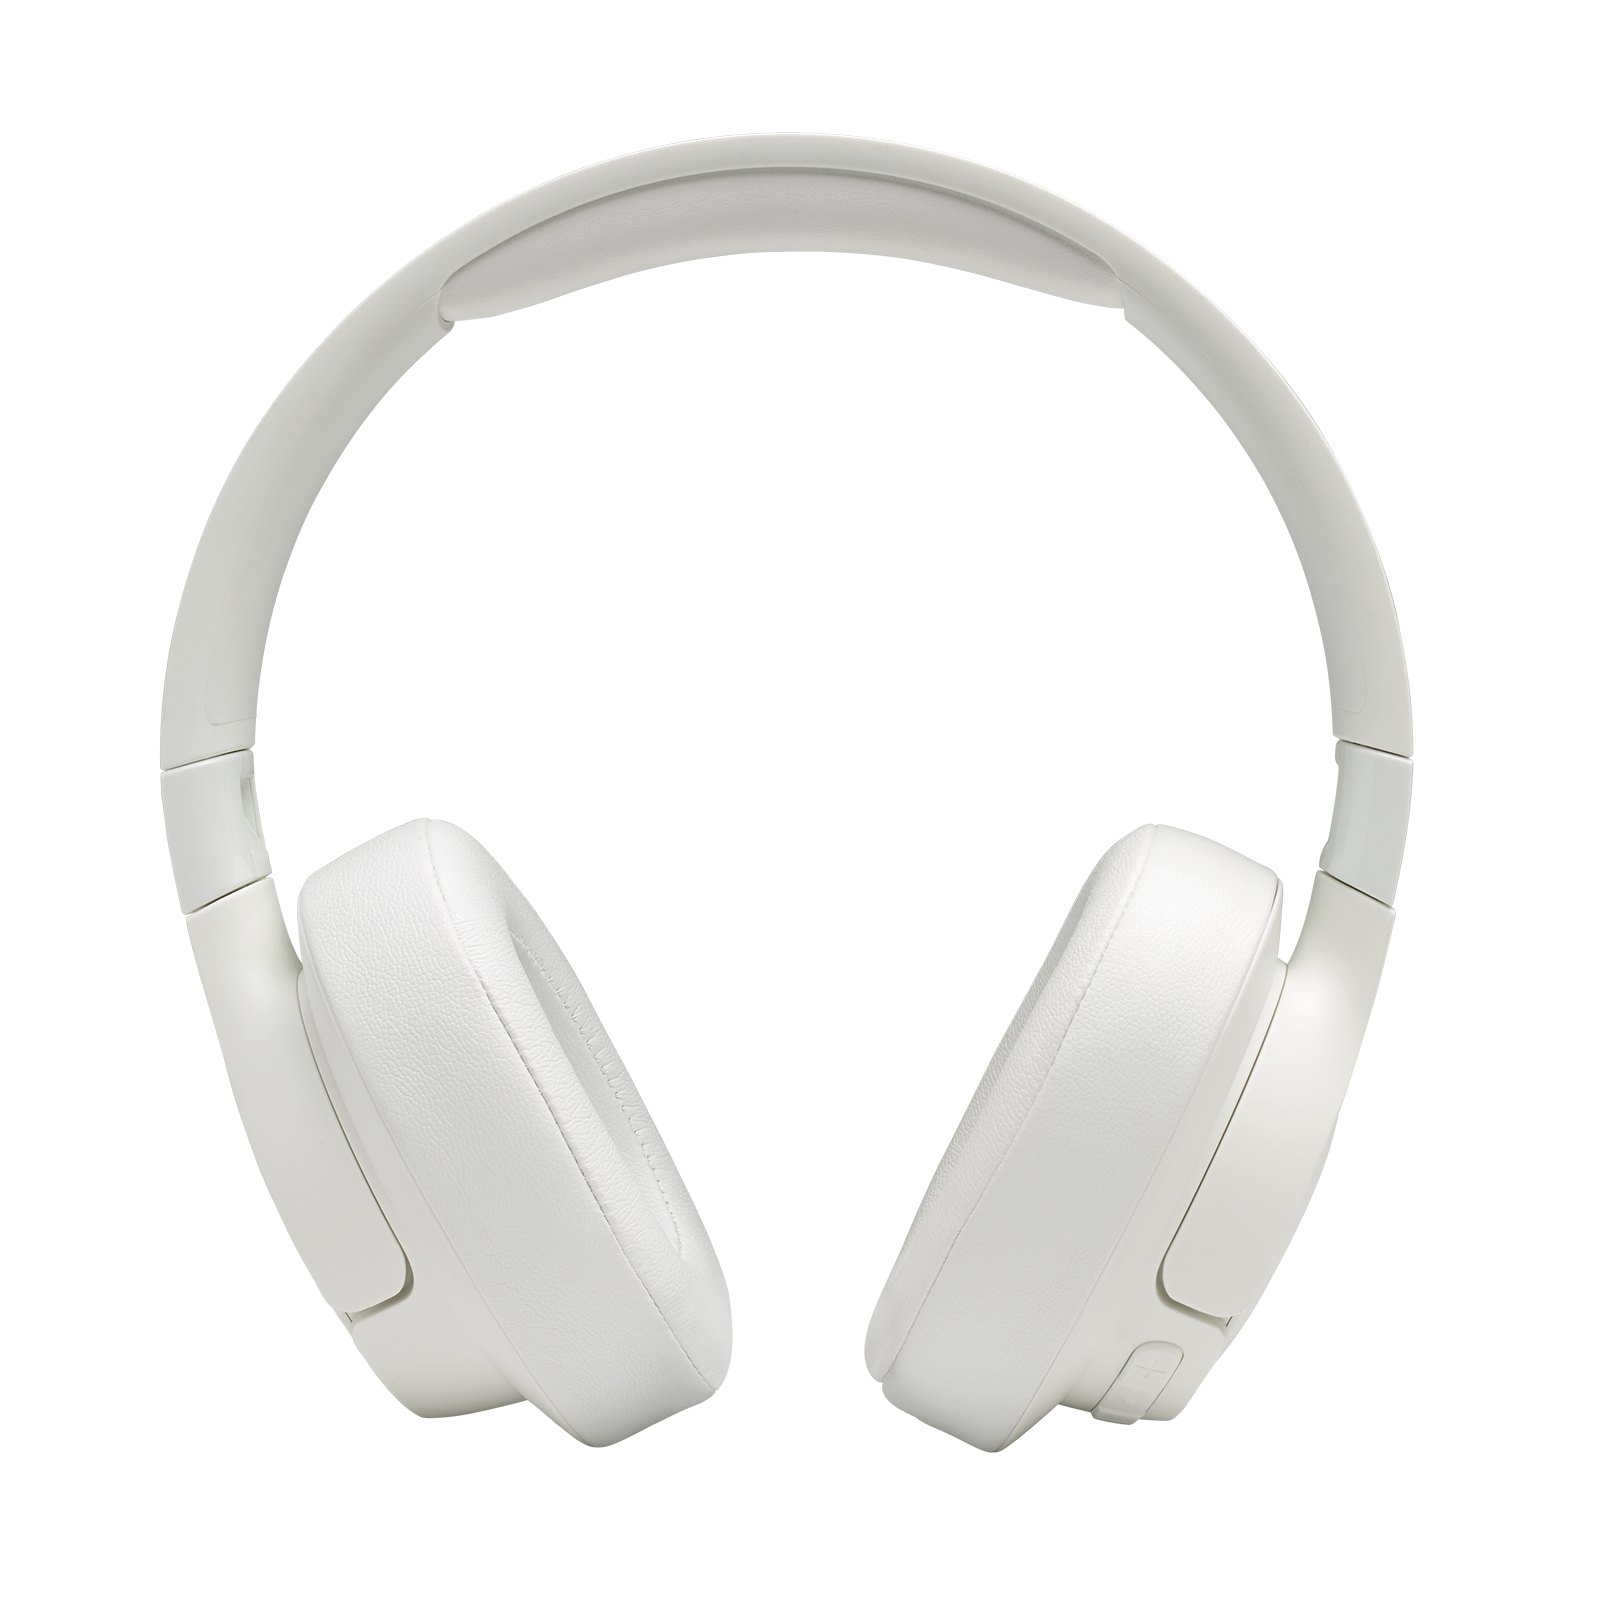 JBL TUNE 700BT - White - Wireless Over-Ear Headphones - Detailshot 4